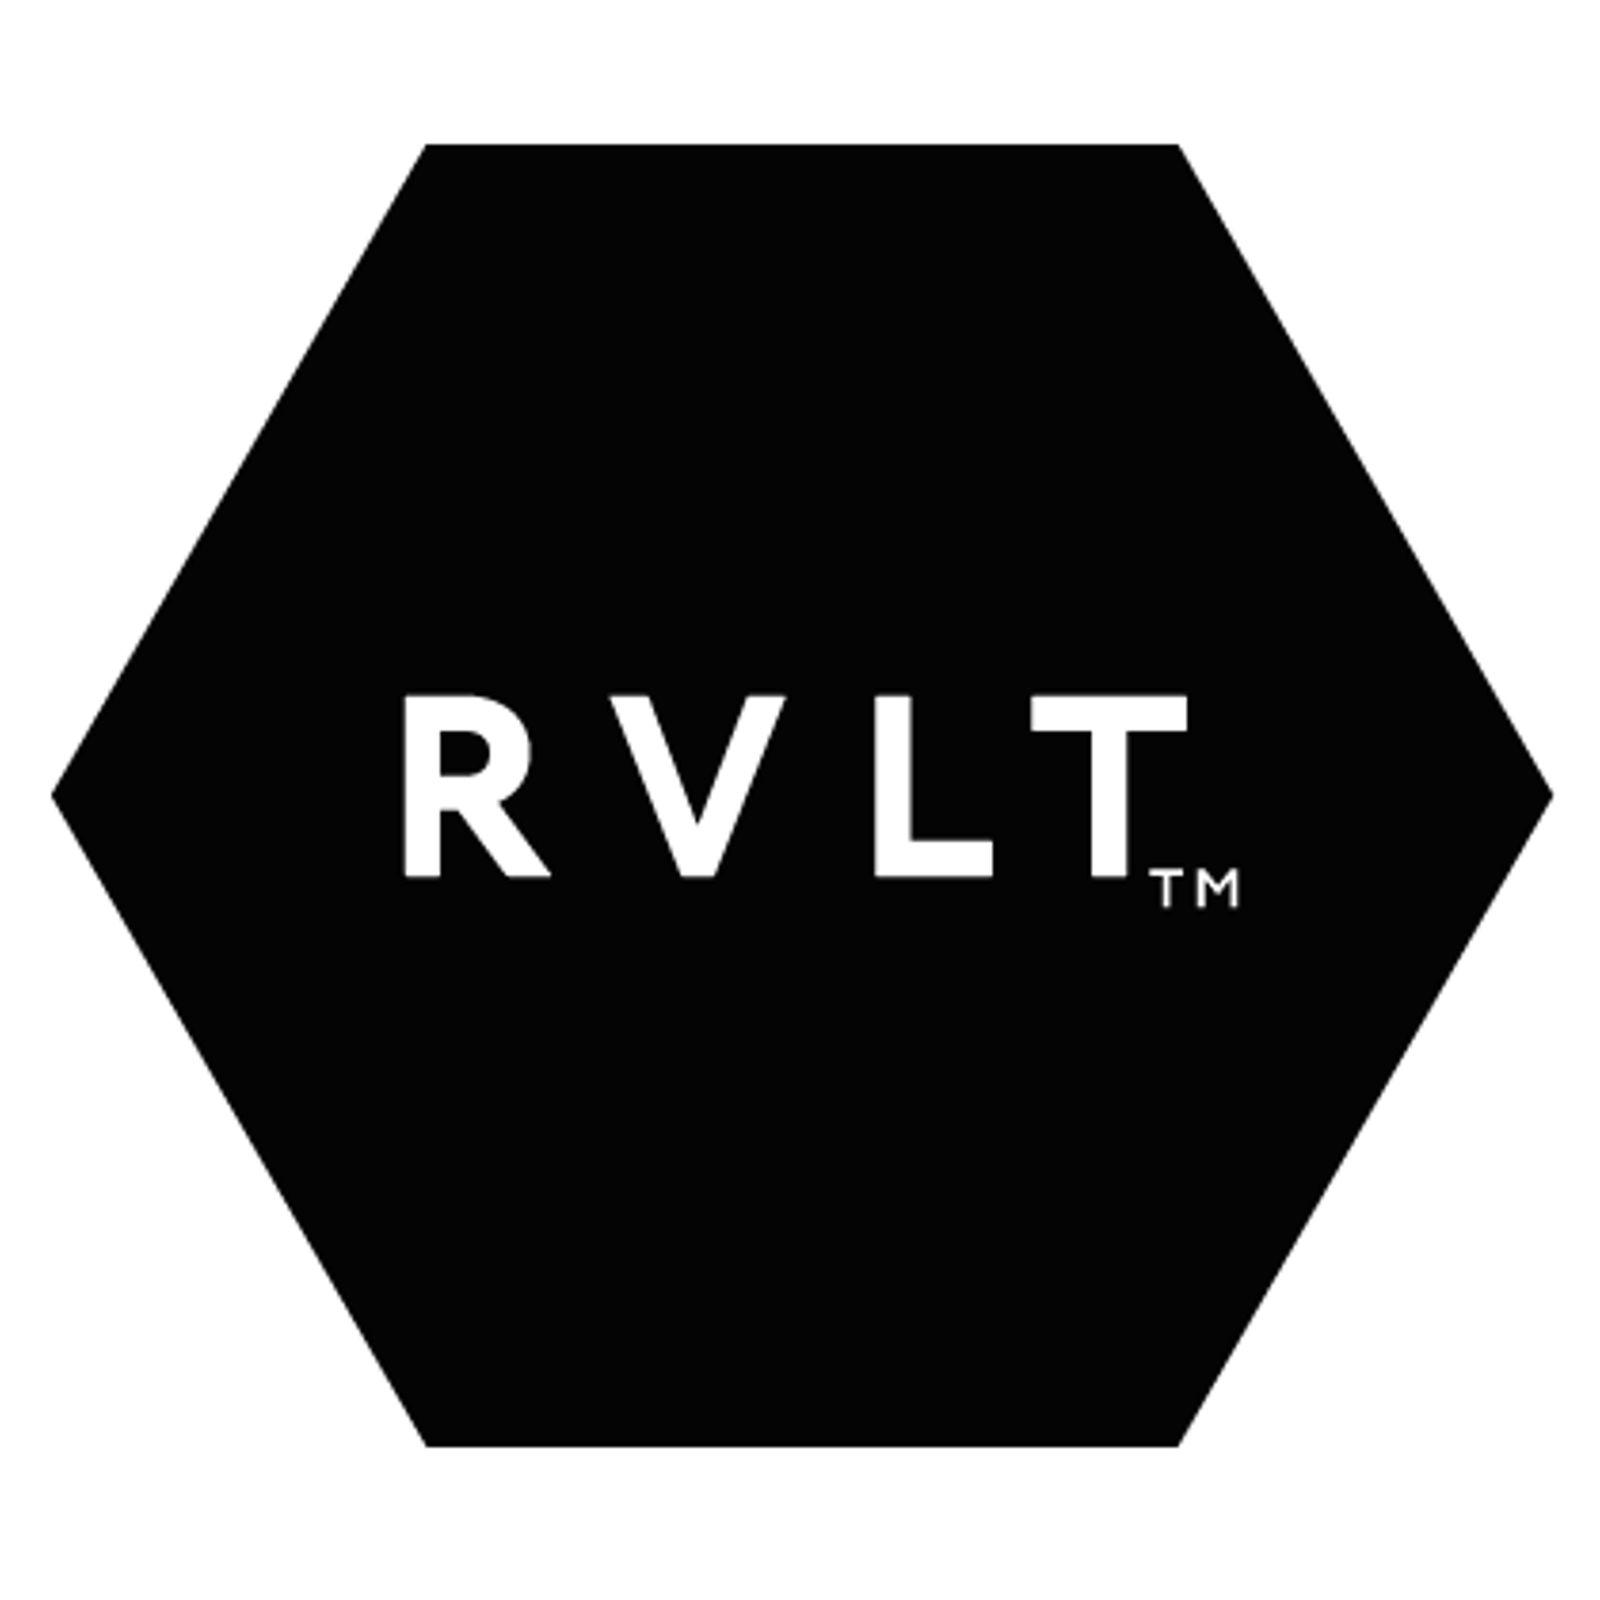 RVLT™ / REVOLUTION